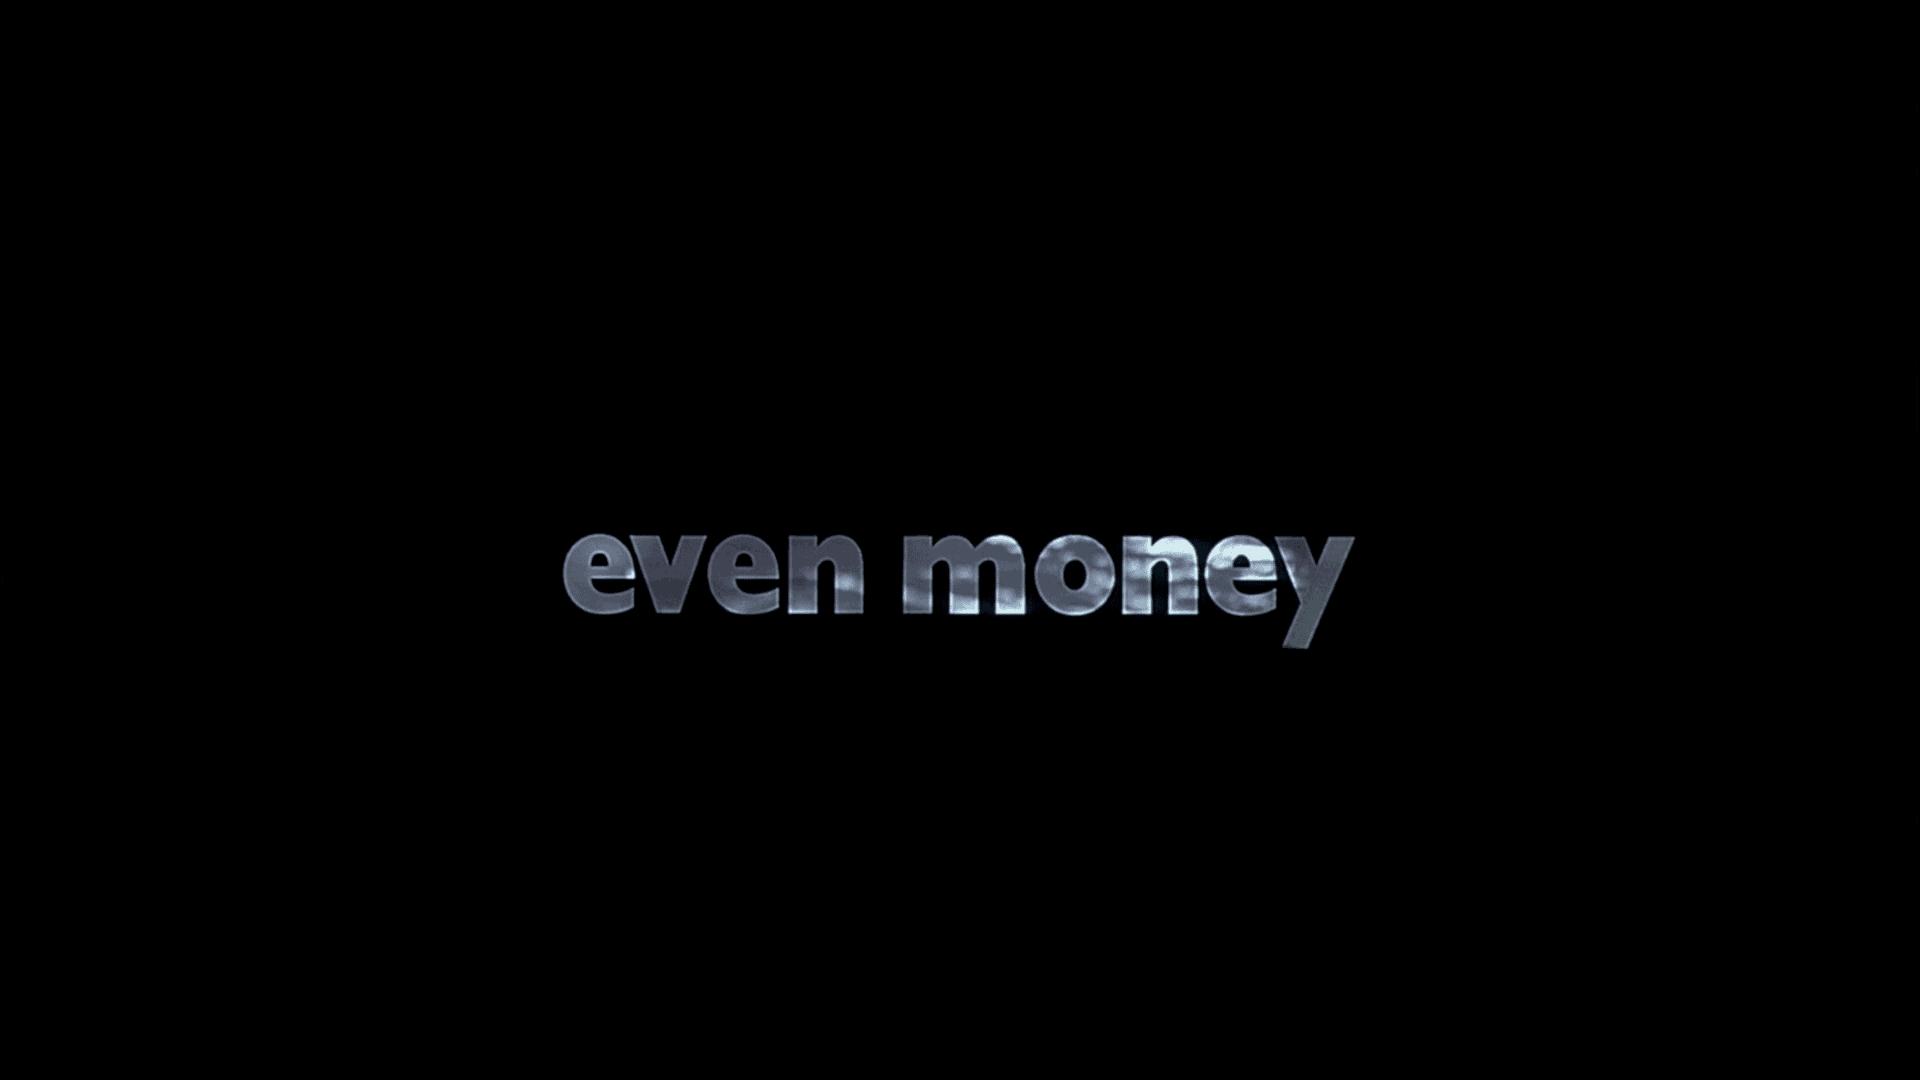 EVEN MONEY TITLE